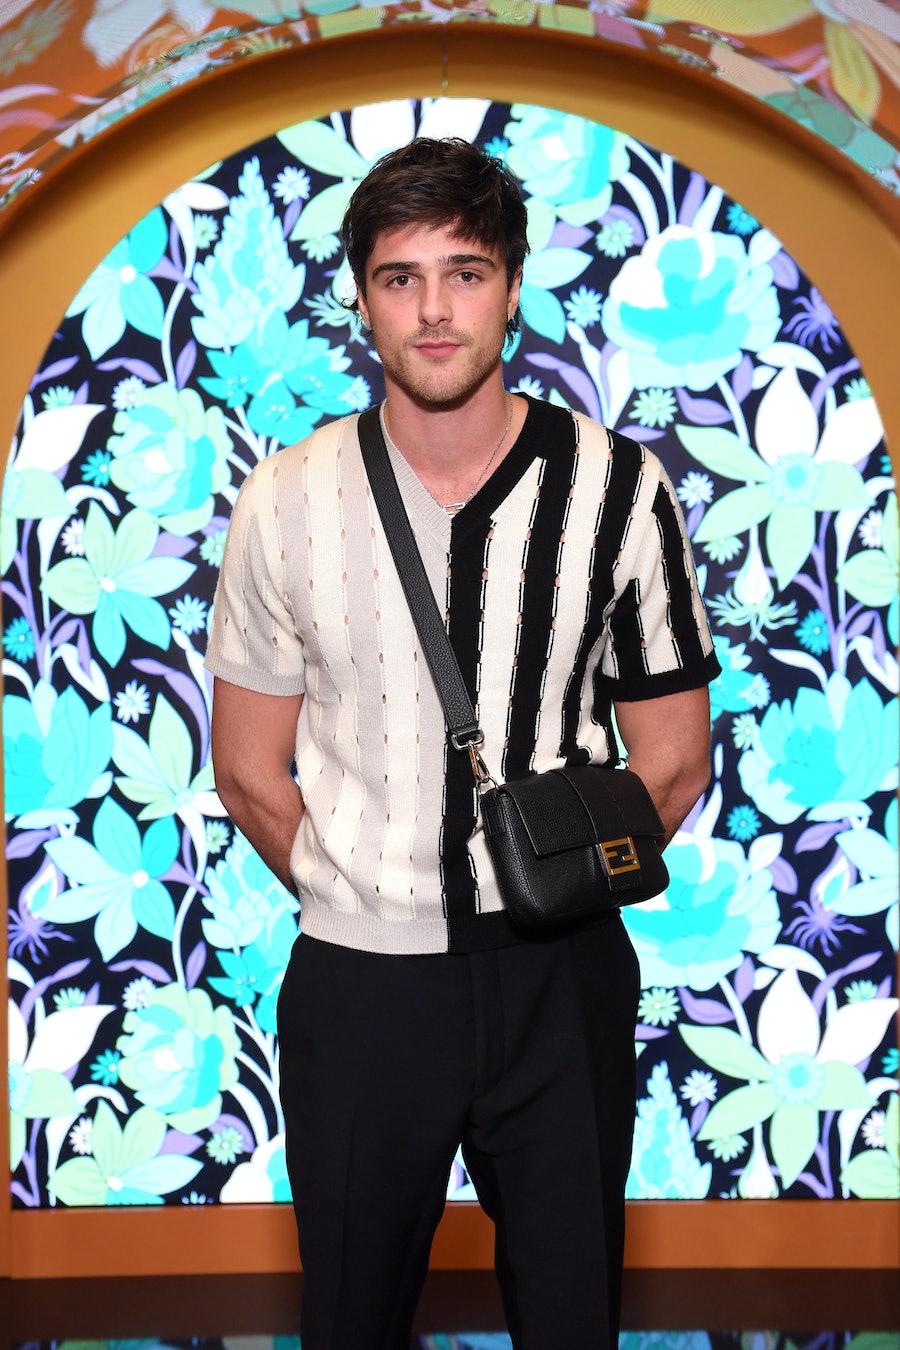 Jacob Elordi with a Fendi bag.